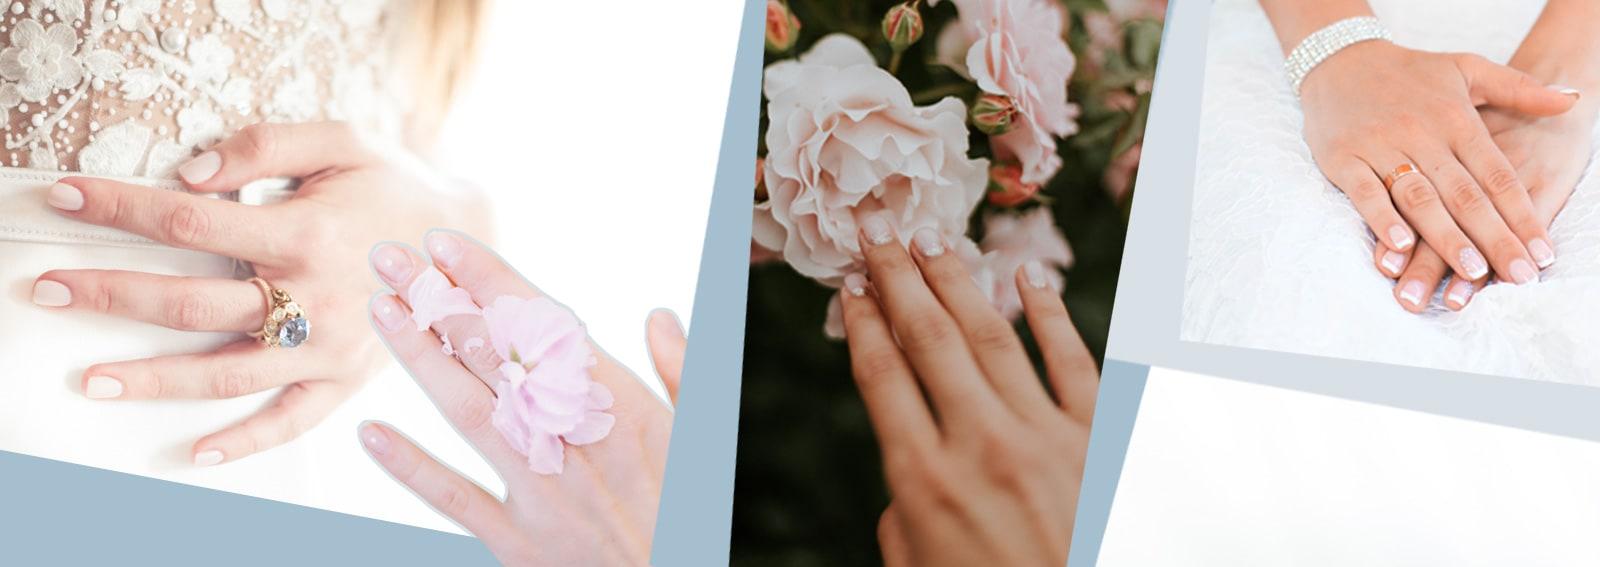 Unghie per matrimonio: le manicure sposa più belle ed eleganti per il giorno più bello